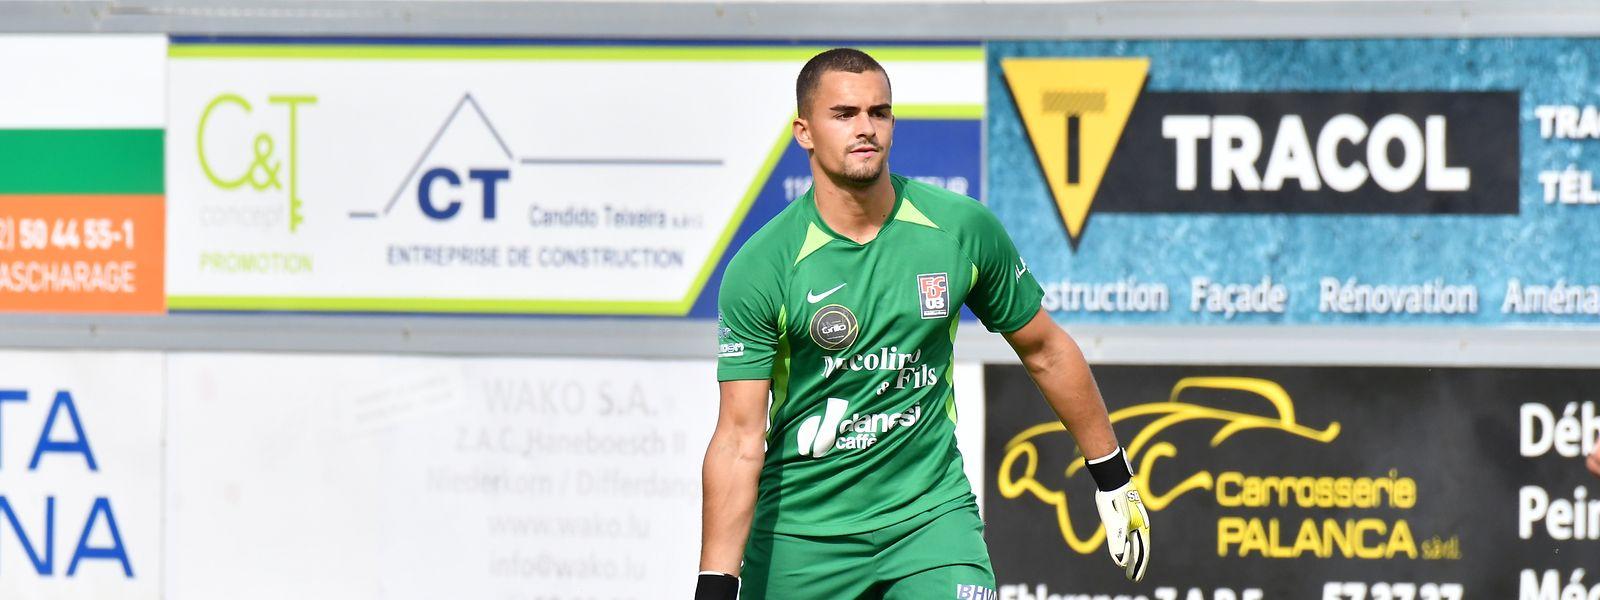 Andrea Amodio und seine Teamkollegen aus Differdingen müssen nach Bosnien-Herzegowina.